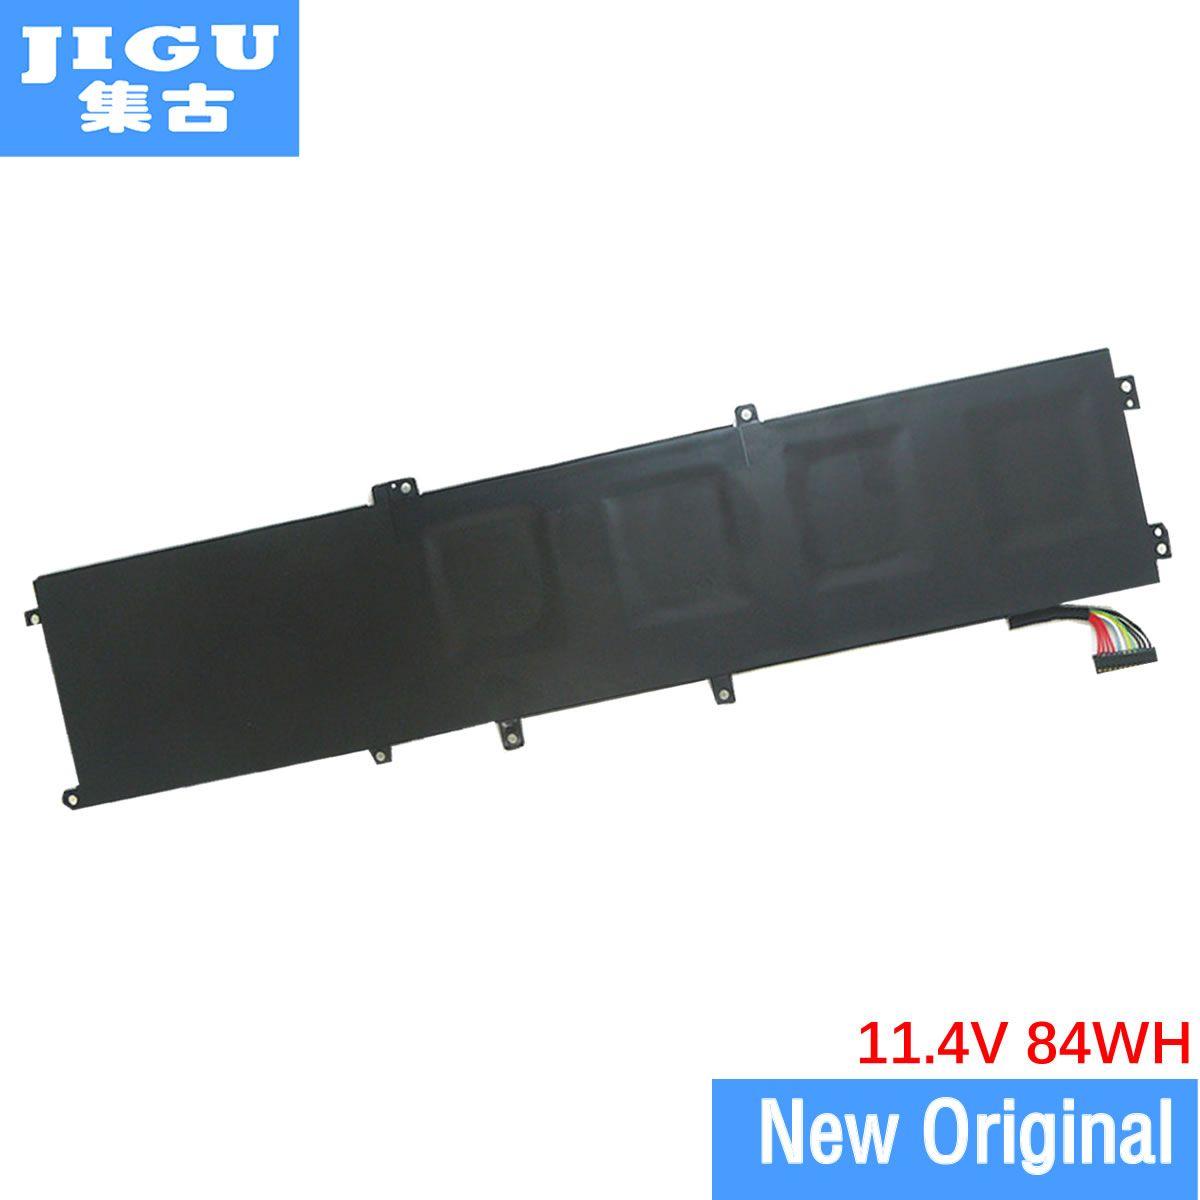 JIGU 11,4 V 84WH original-laptop-Batterie 1P6KD 4 GVGH RRCGW für DELL für Präzision 5510 XPS 15 9550 XPS15 9550